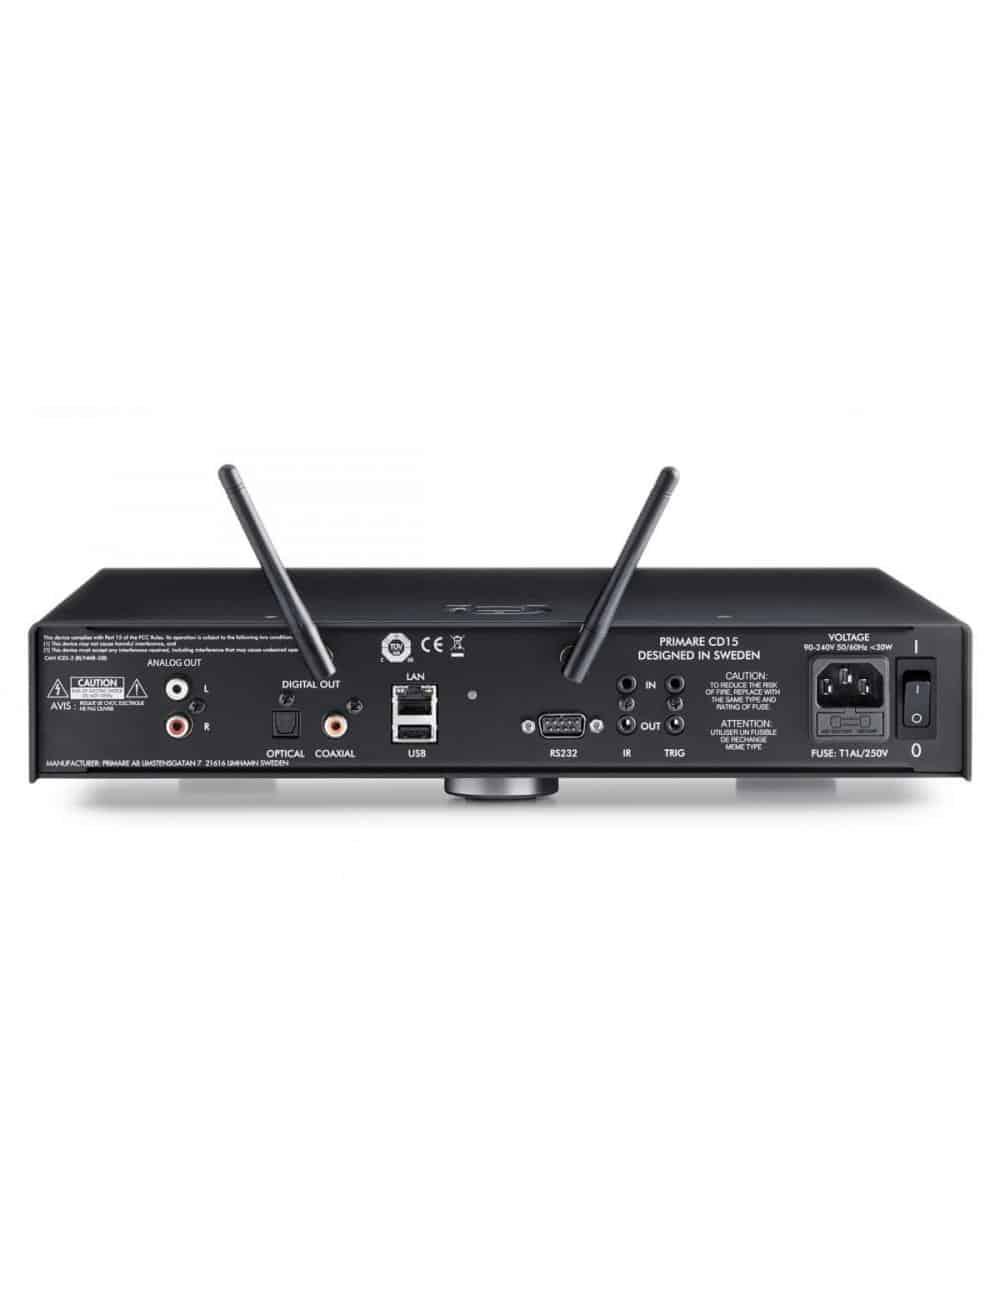 lettore multimediale digitale, lettore CD e streamer HiFI, Primare CD15 Prisma, pannello connessioni